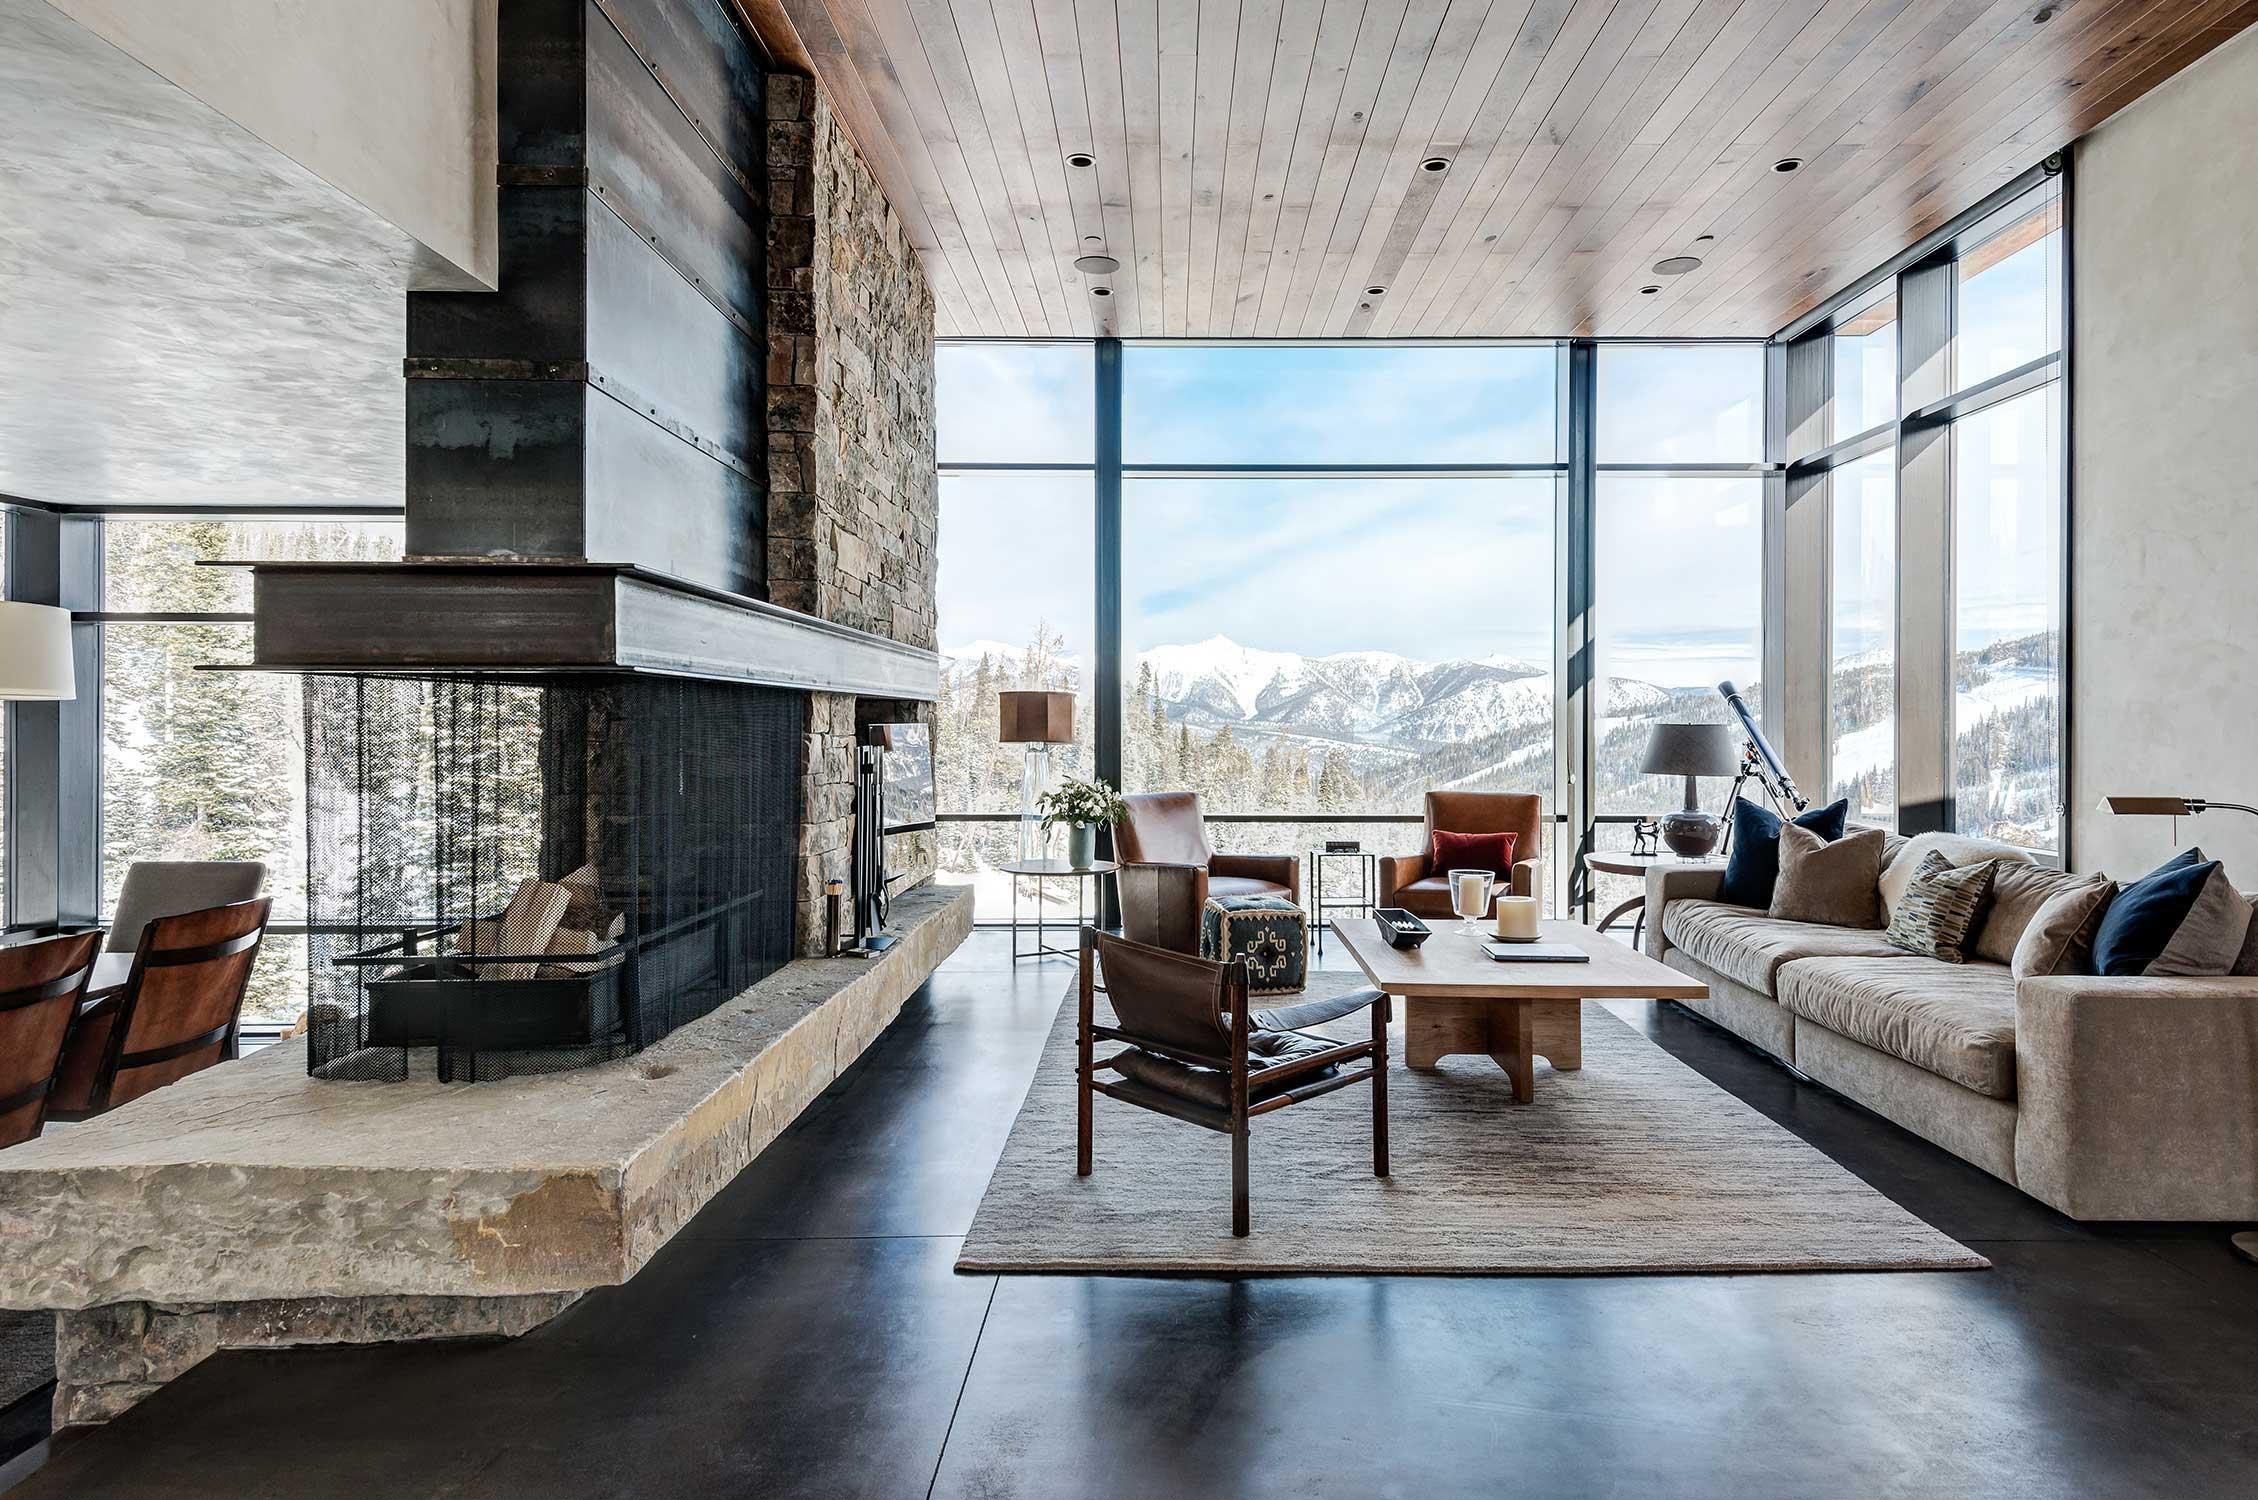 Interior of a modern mountain house